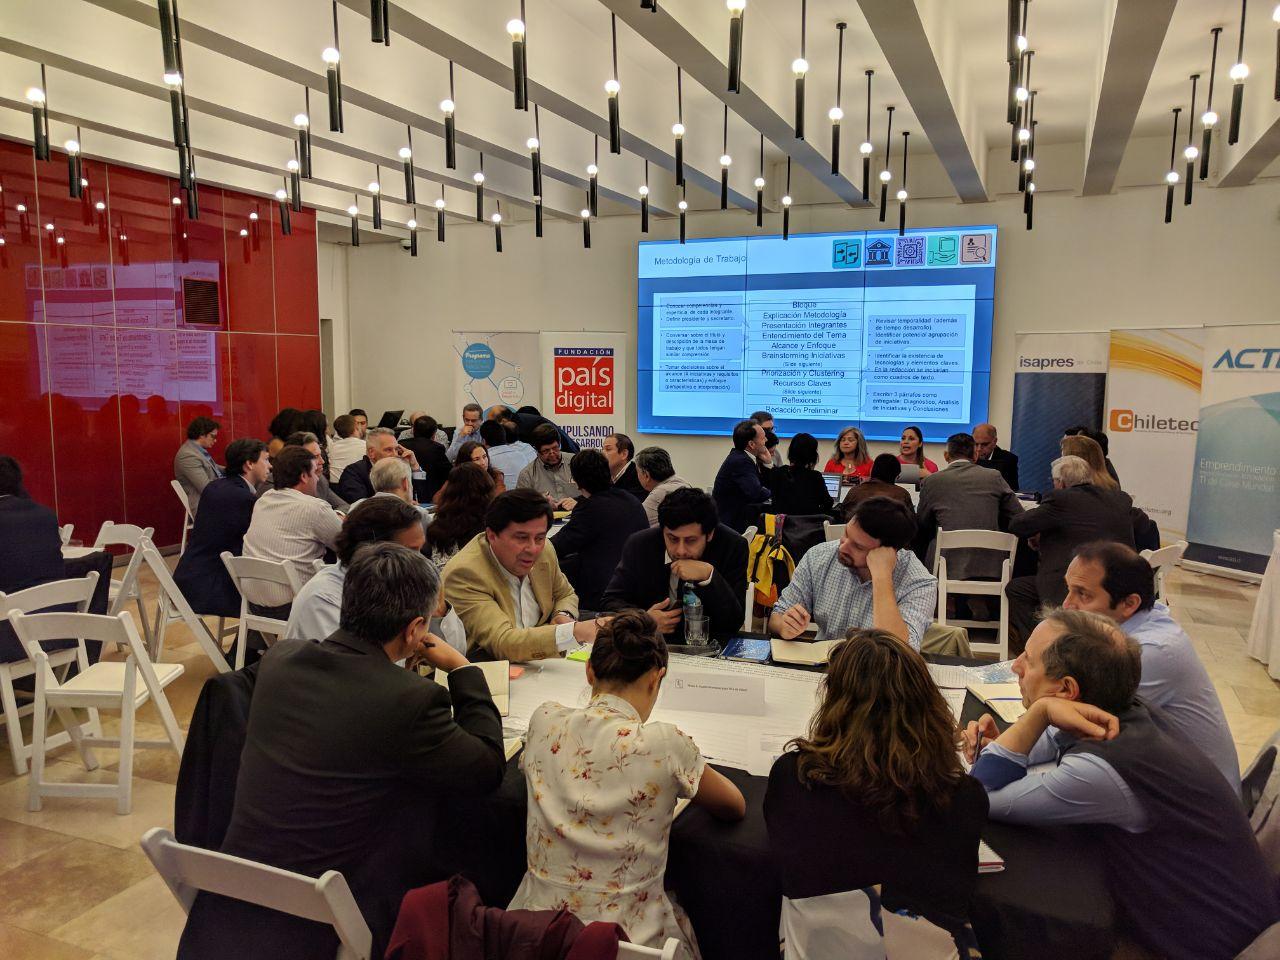 """Industria de Salud diseñara """"Hoja de Ruta"""" para seguir curso de acción de la Transformación Digital"""